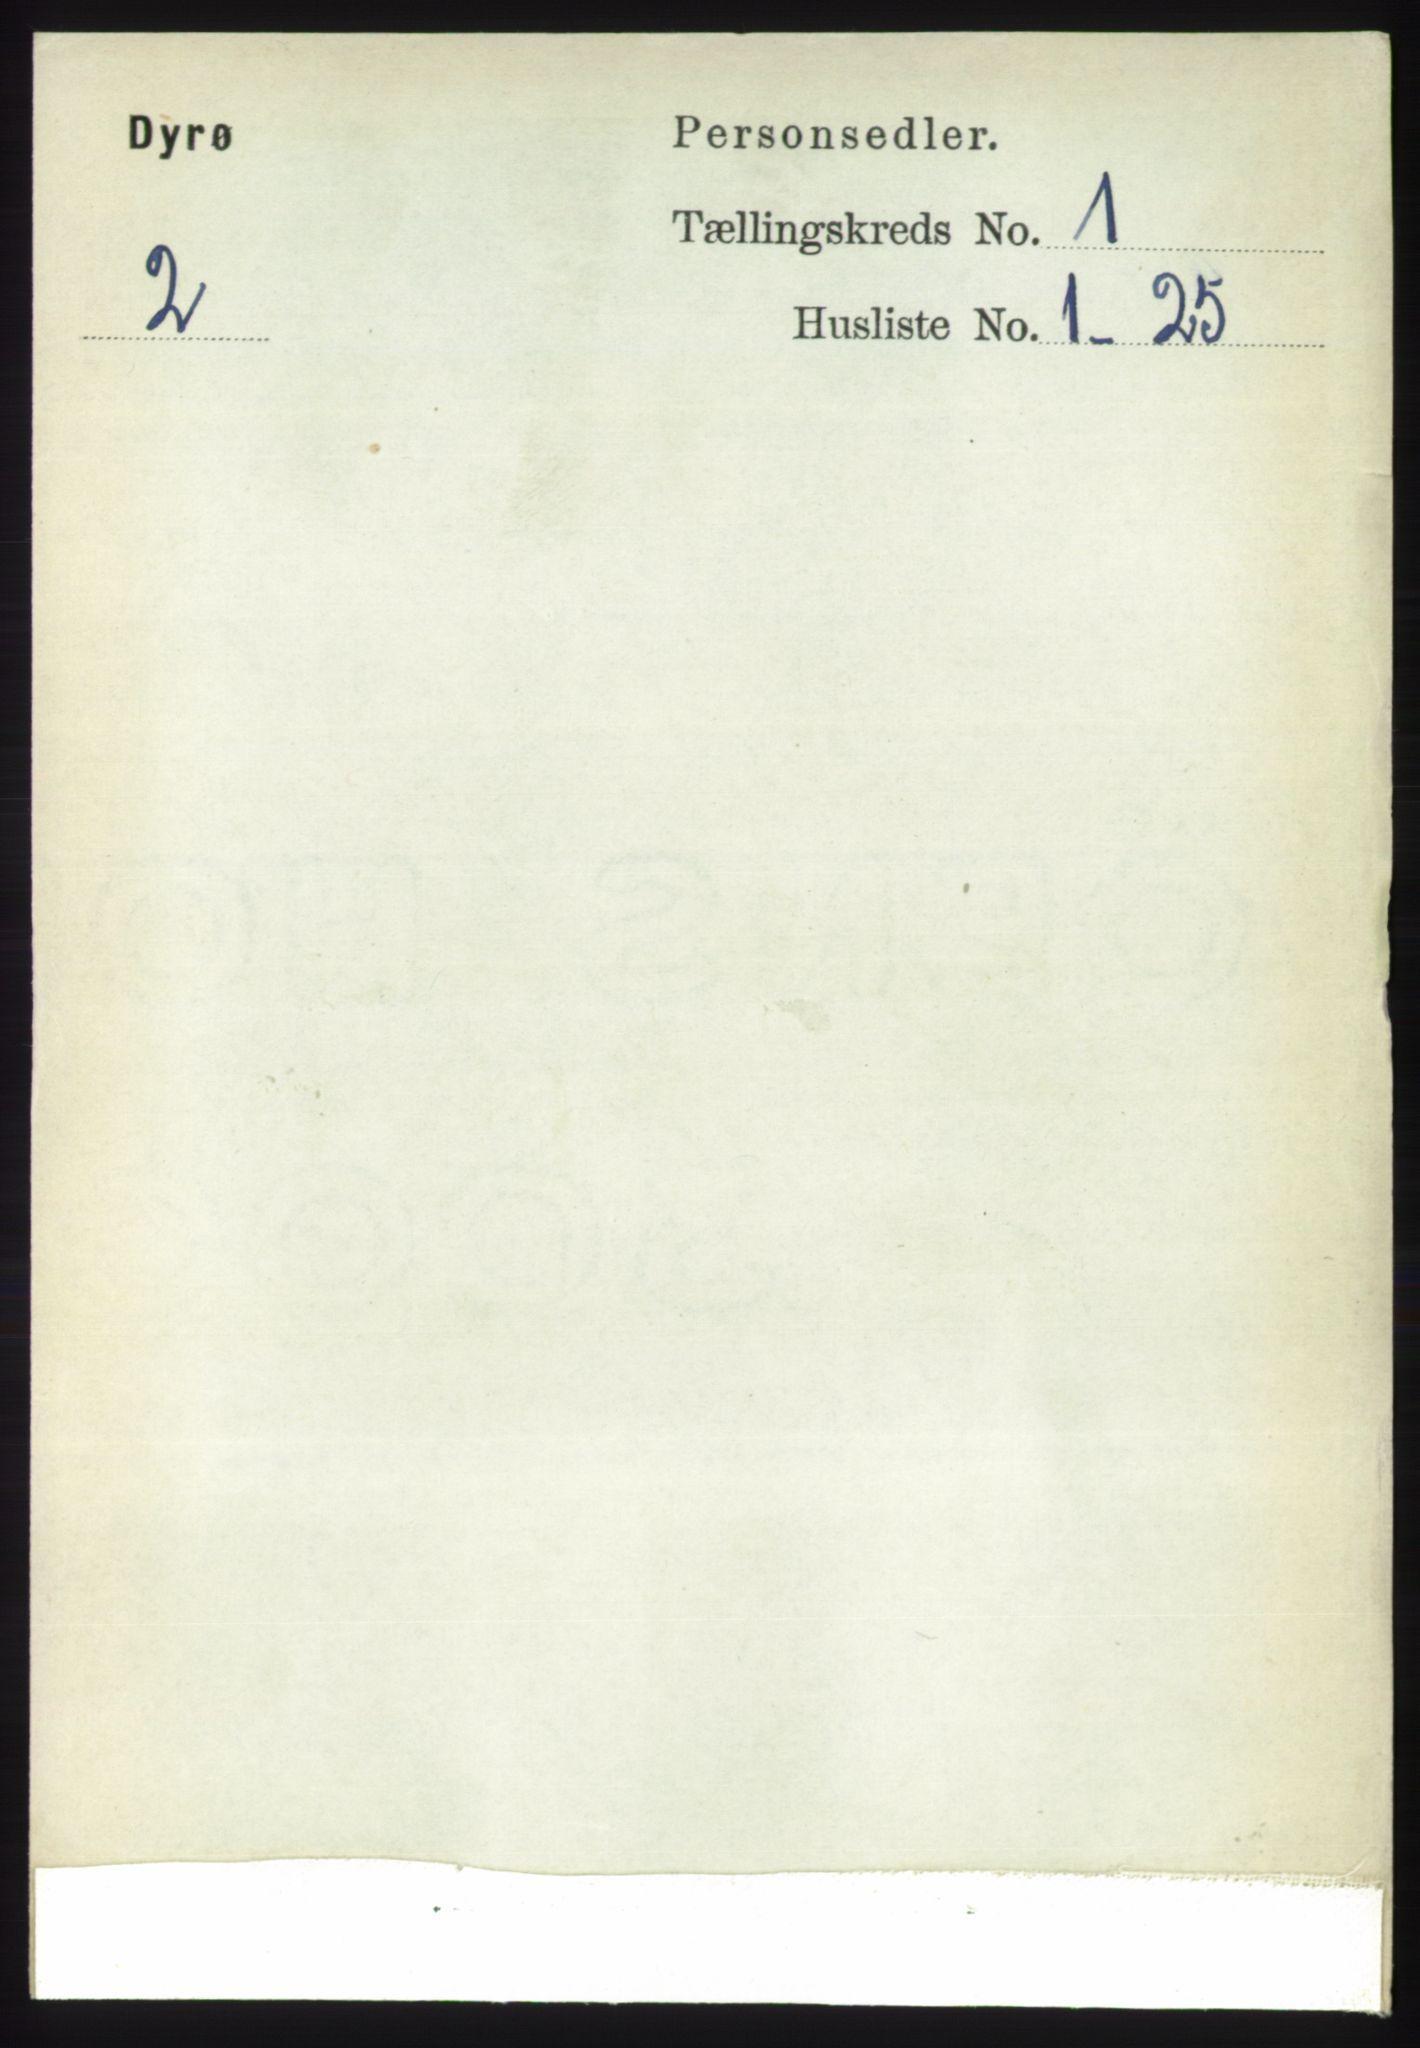 RA, Folketelling 1891 for 1926 Dyrøy herred, 1891, s. 71